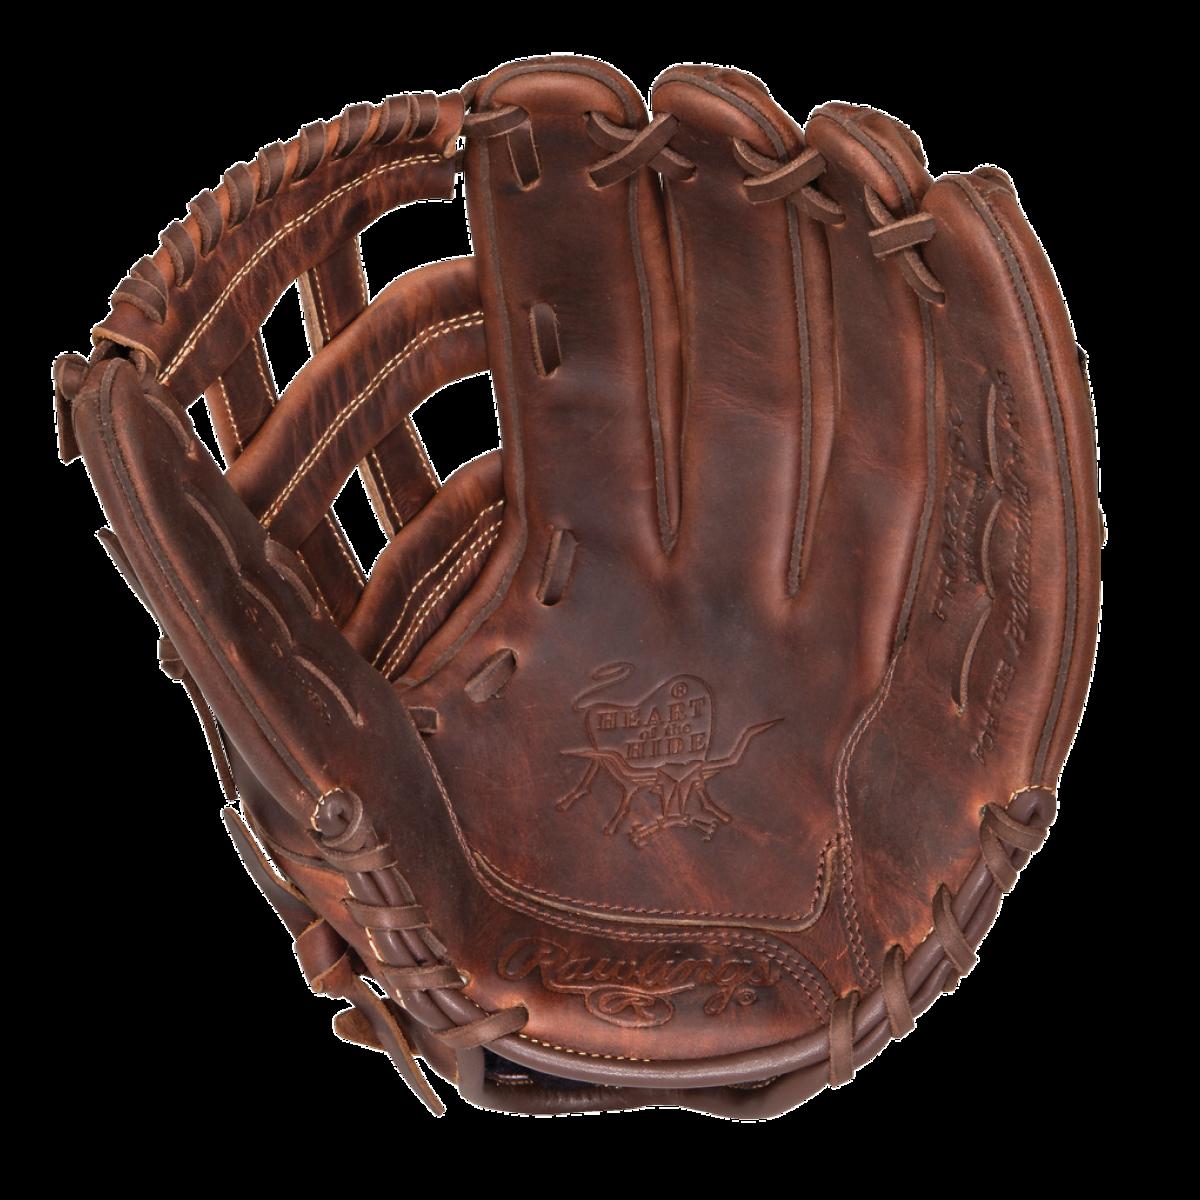 Бейсбольная перчатка PNG